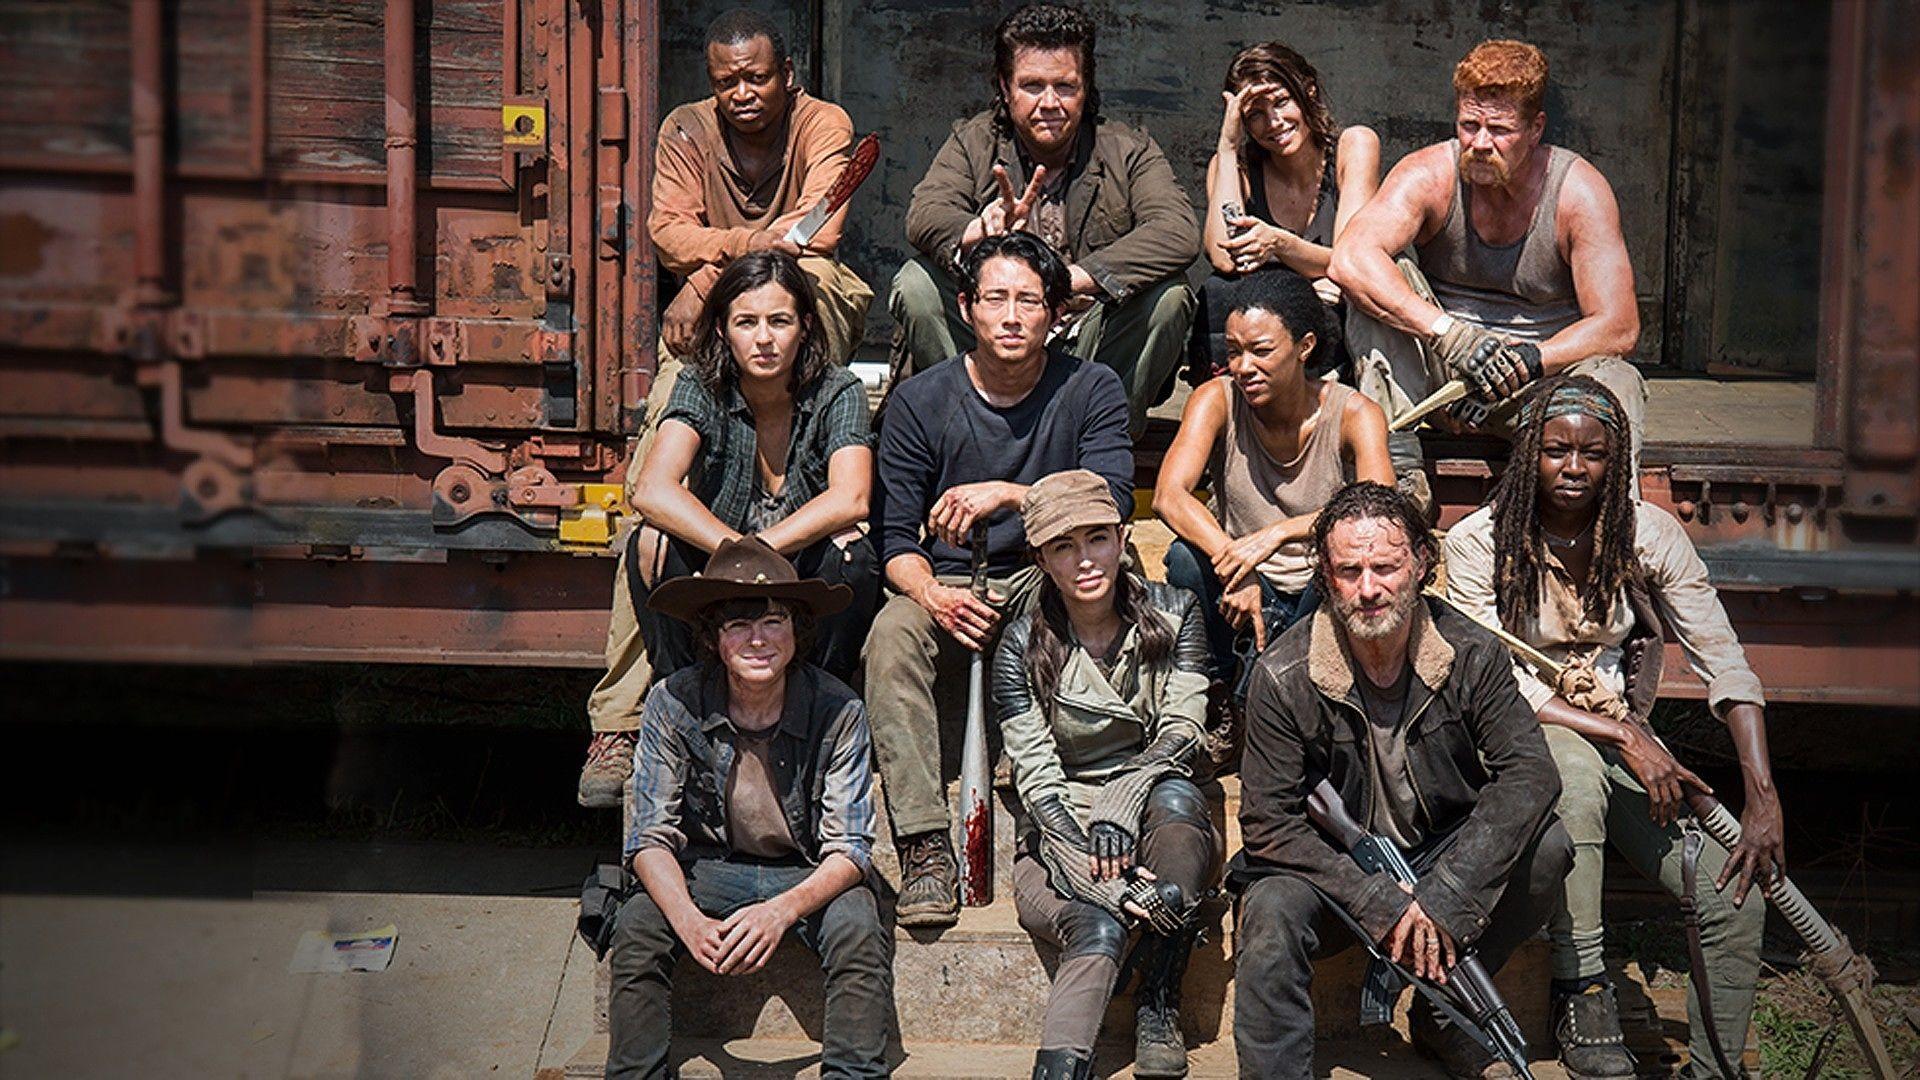 twd season 2 cast